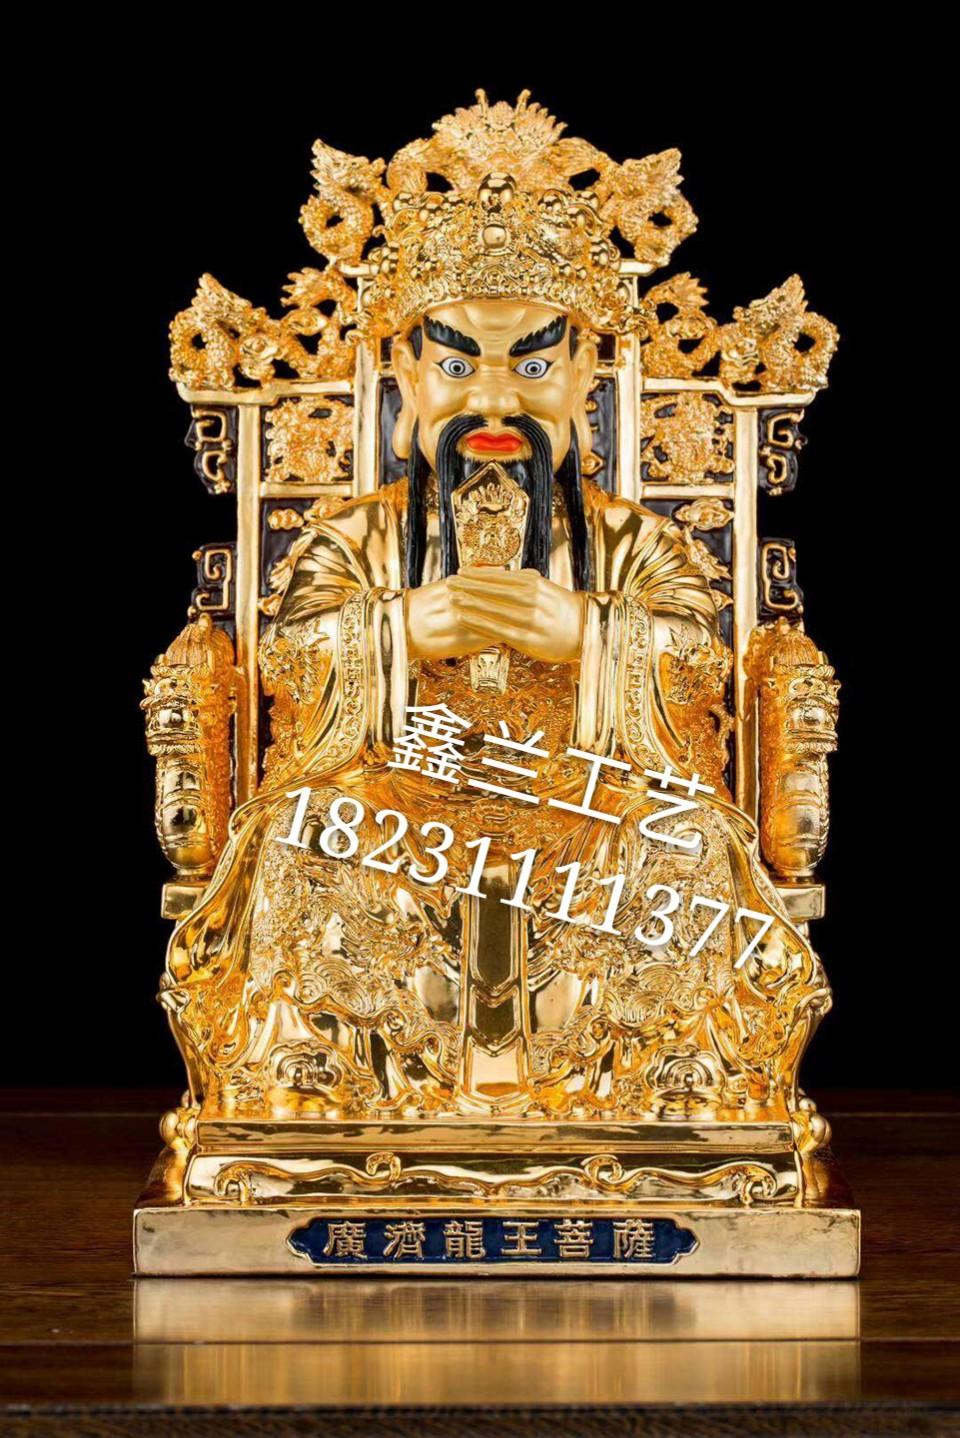 订做贴金五龙爷级彩五龙奶奶 财神五龙爷庙供奉-鑫兰佛像雕塑厂